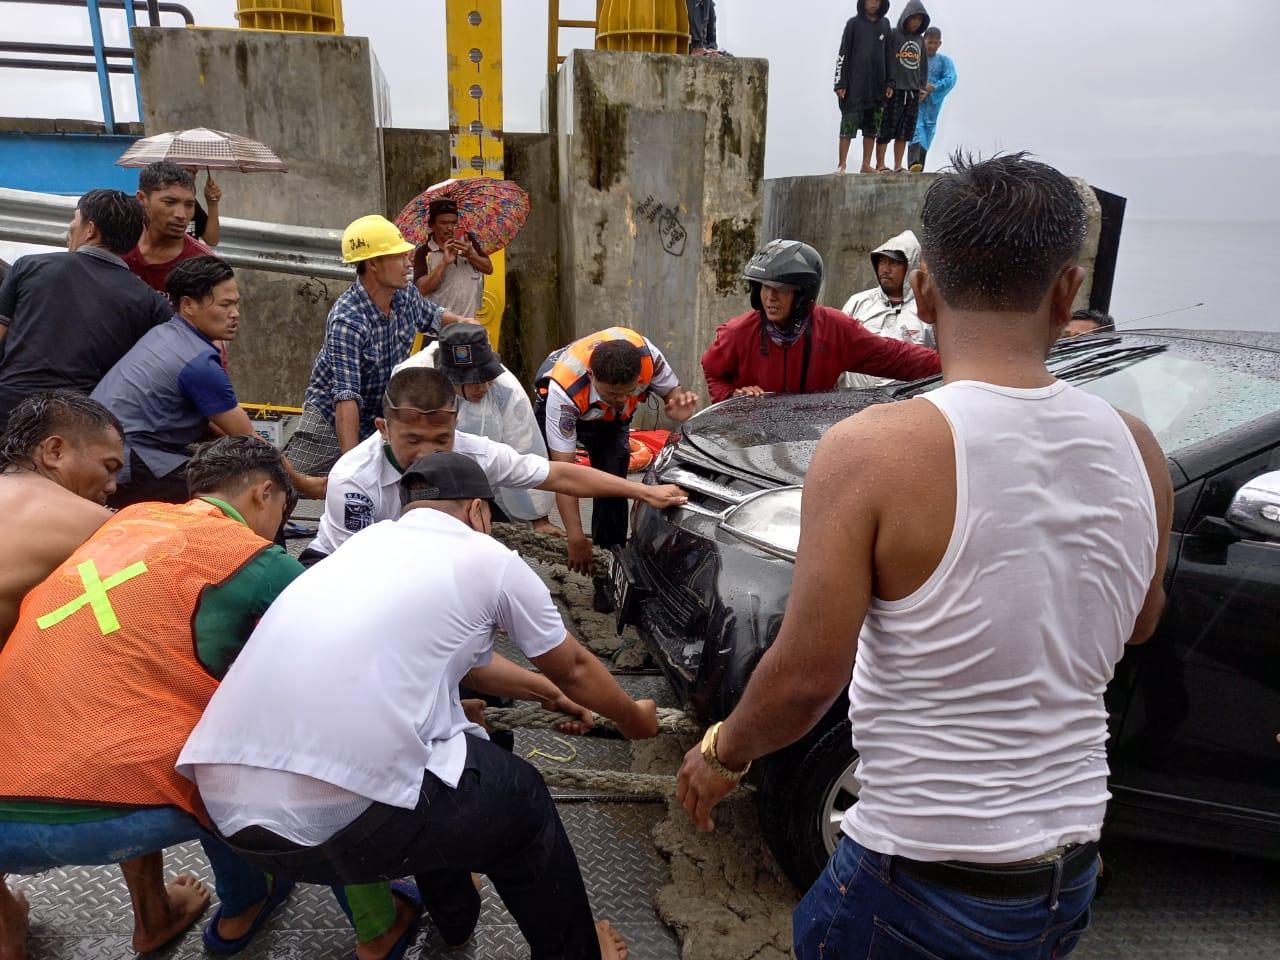 Mobil Kecebur ke Danau Toba, Satu Orang Meninggal Dunia dan Tiga Luka-luka